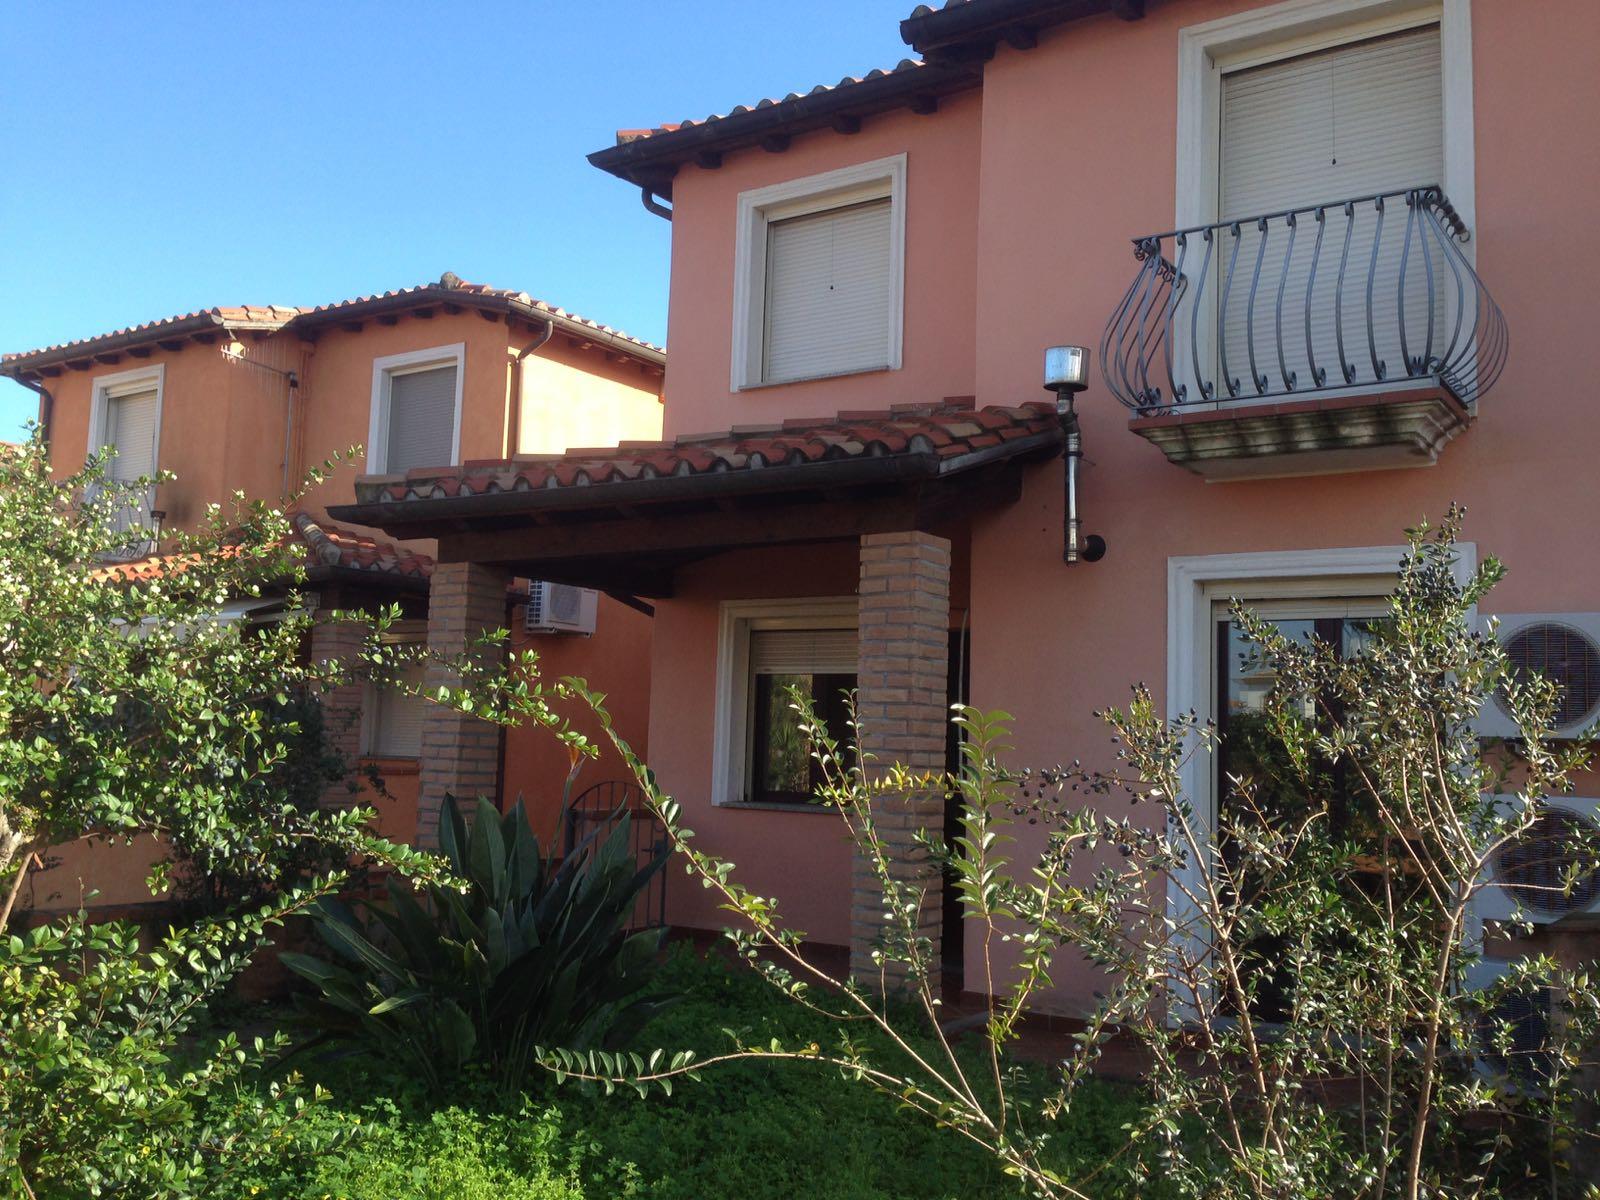 Soluzione Indipendente in vendita a Tortolì, 3 locali, prezzo € 155.000 | Cambio Casa.it